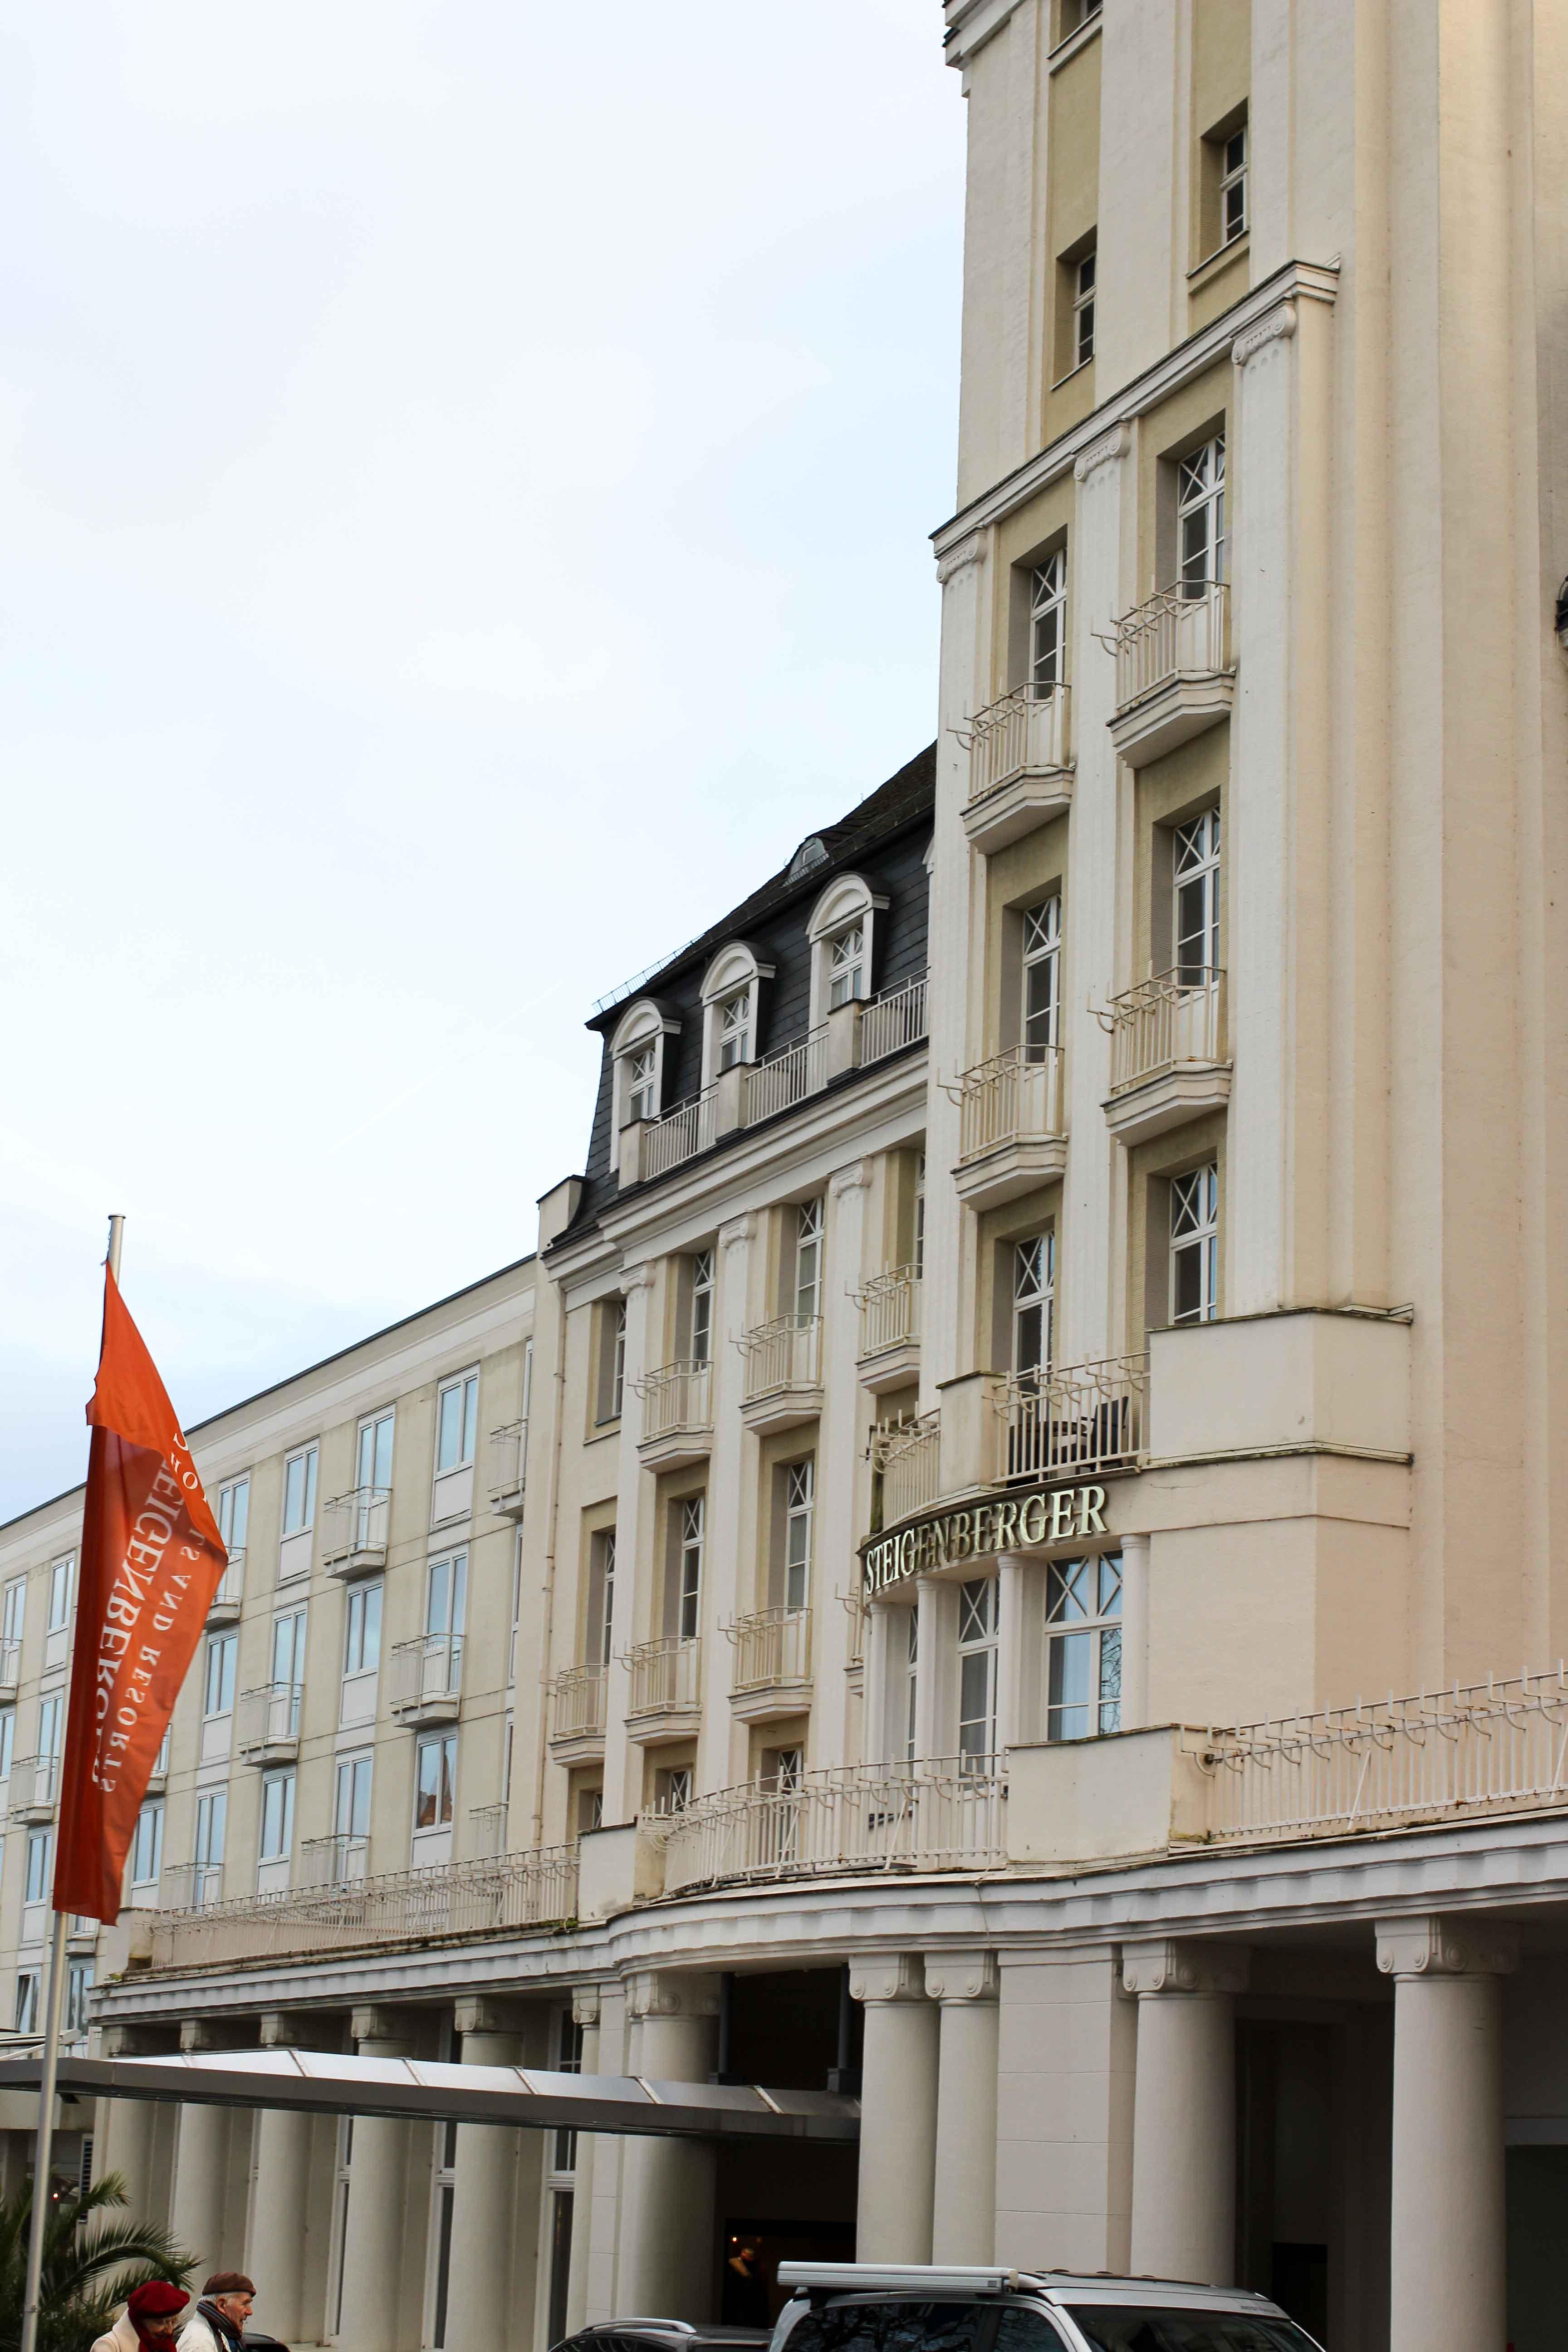 Steigenberger Hotel Bad Neuenahr #Stahr Bloggerreise Luxushotel Reiseblog bonn